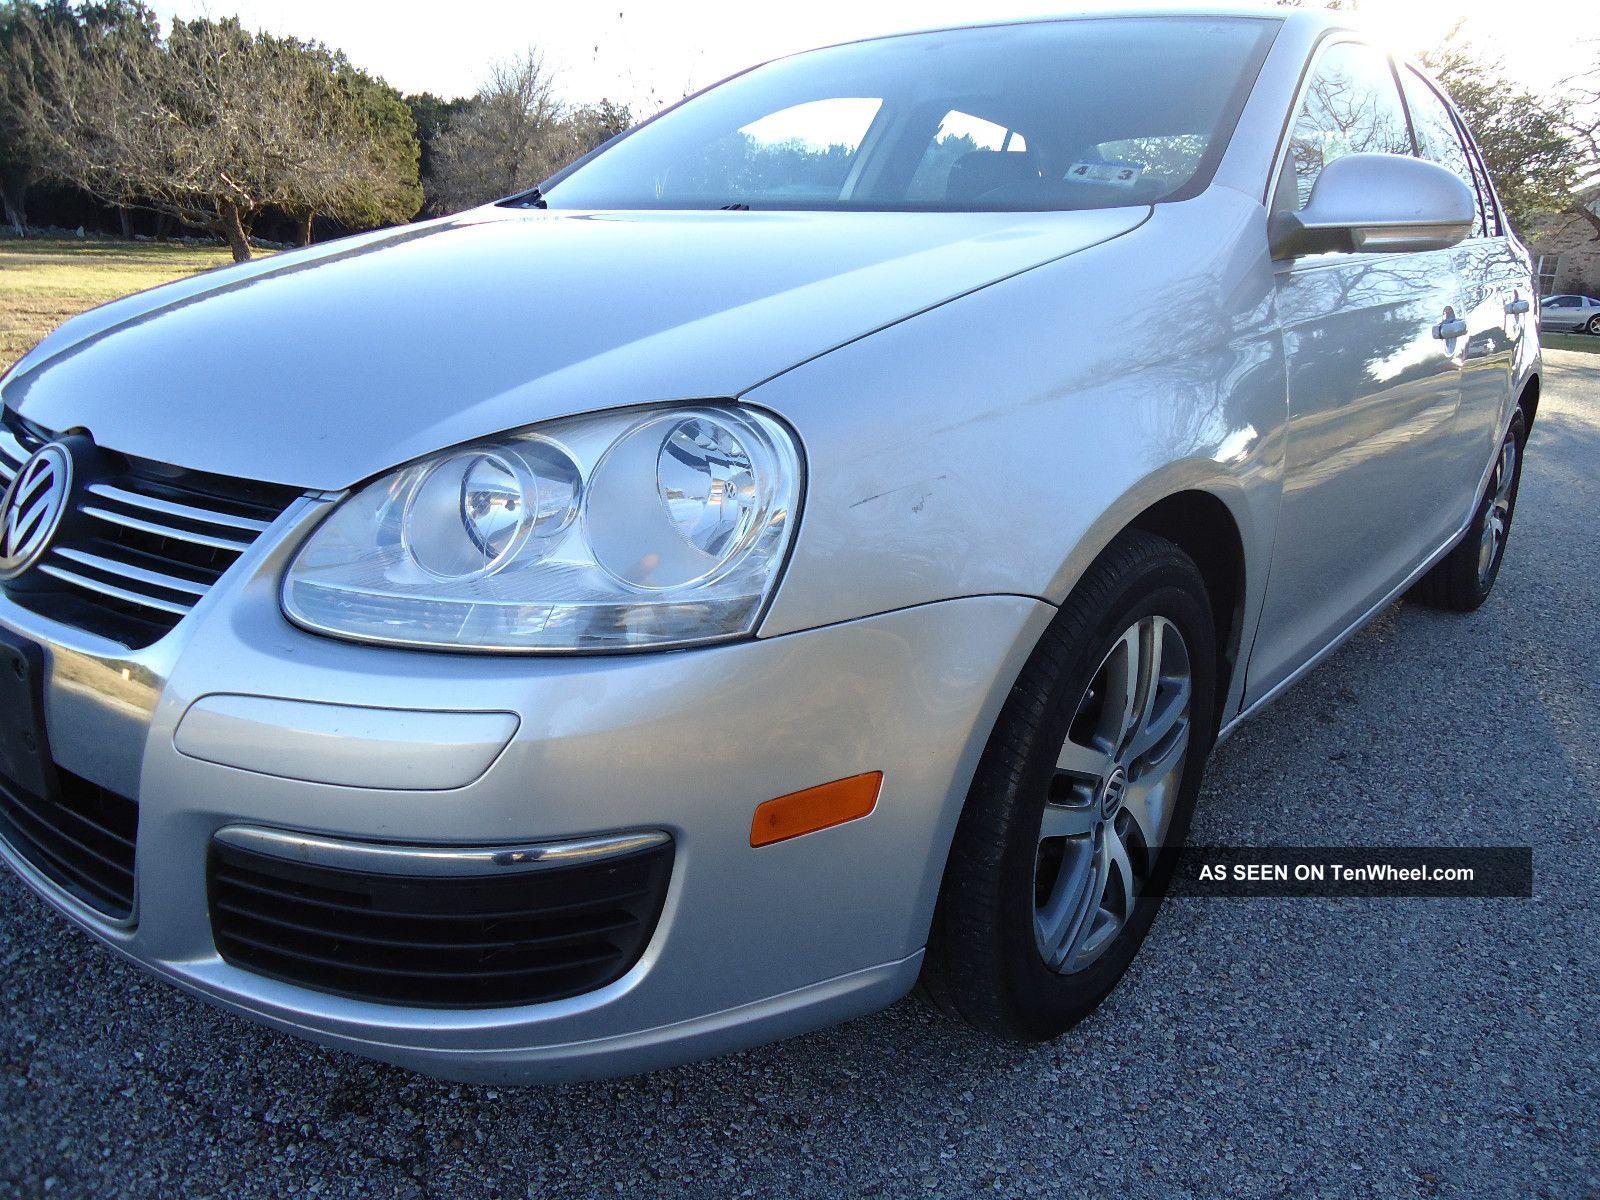 2006 Volkswagen Jetta Tdi 1 9l 45mpg Auto Diesel Timing Belt Vw Water Pump